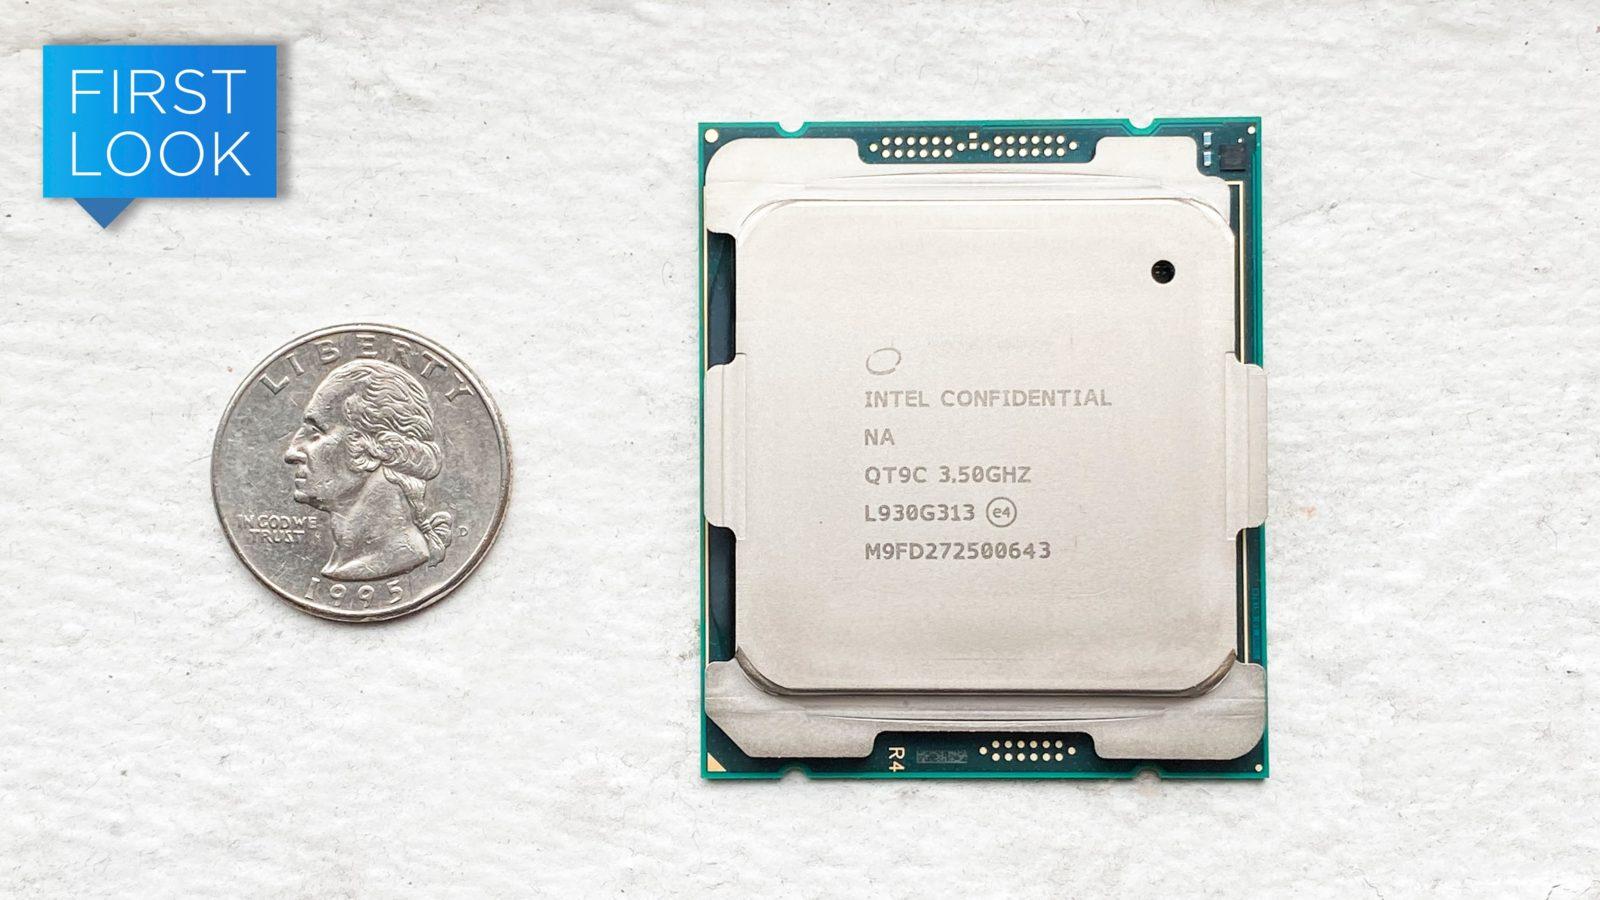 Novo processador Xeon da Intel comparado com uma moeda